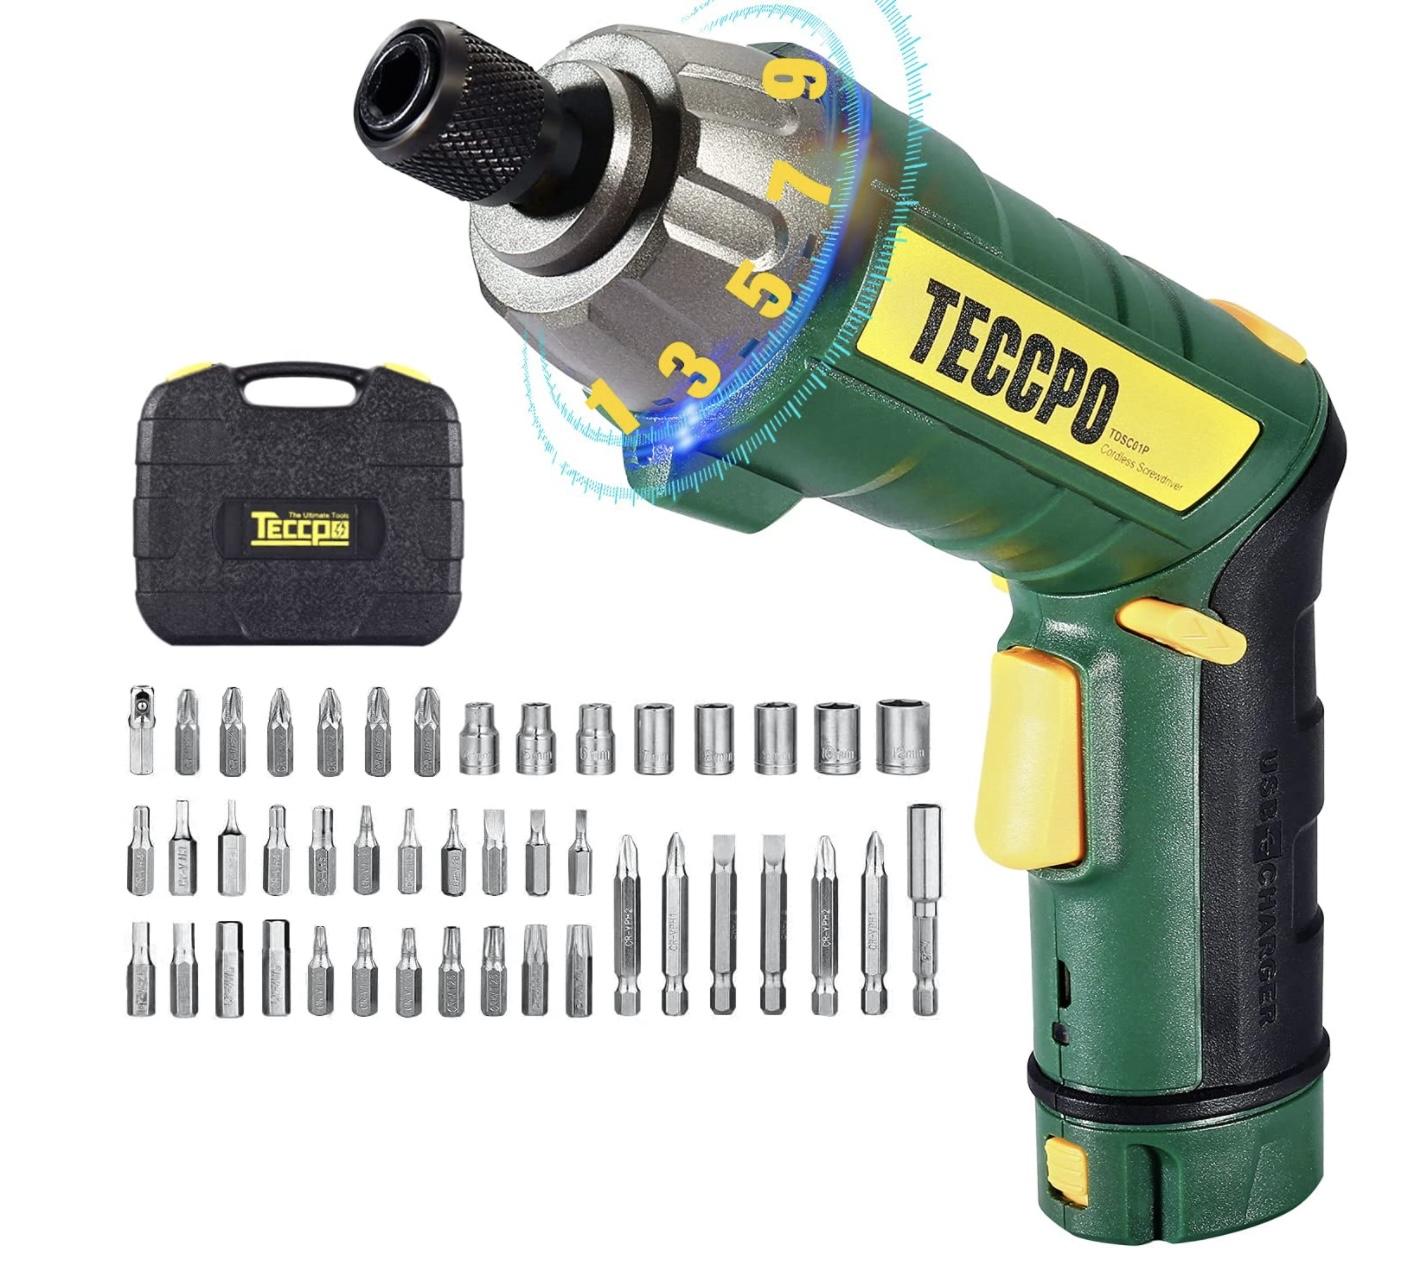 Atornillador Electrico Teccpo 3.6V